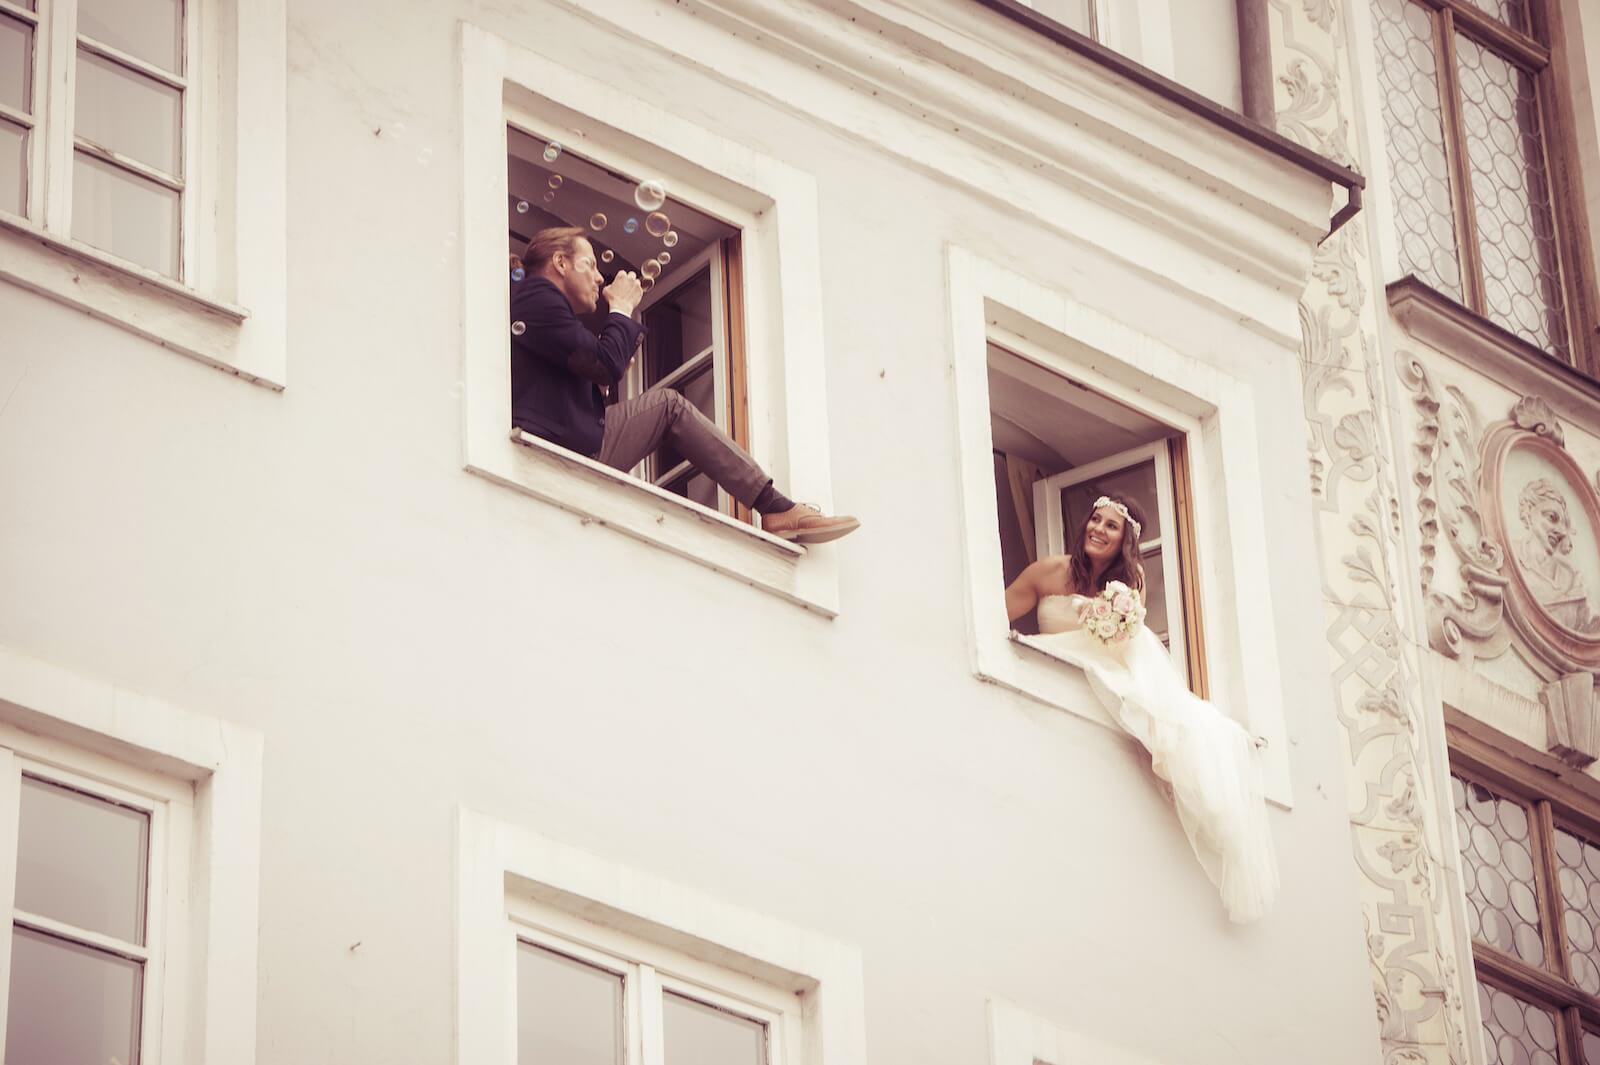 Hochzeit Bohostyle Landsberg - das Brautpaar in zwei Altstadtfenstern, der Bräutigam bläst Seifenblasen